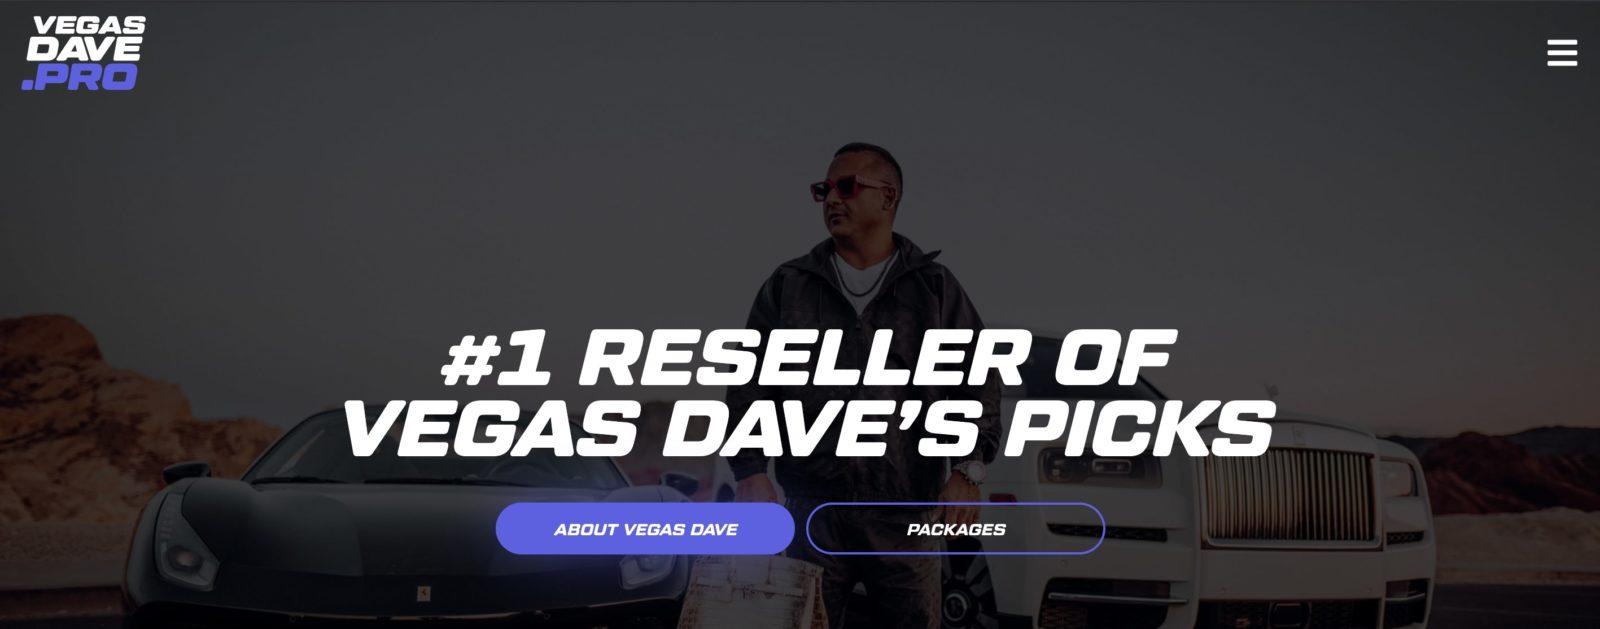 Главная страница сайта Dave Vegas (Дэйв Вегас)